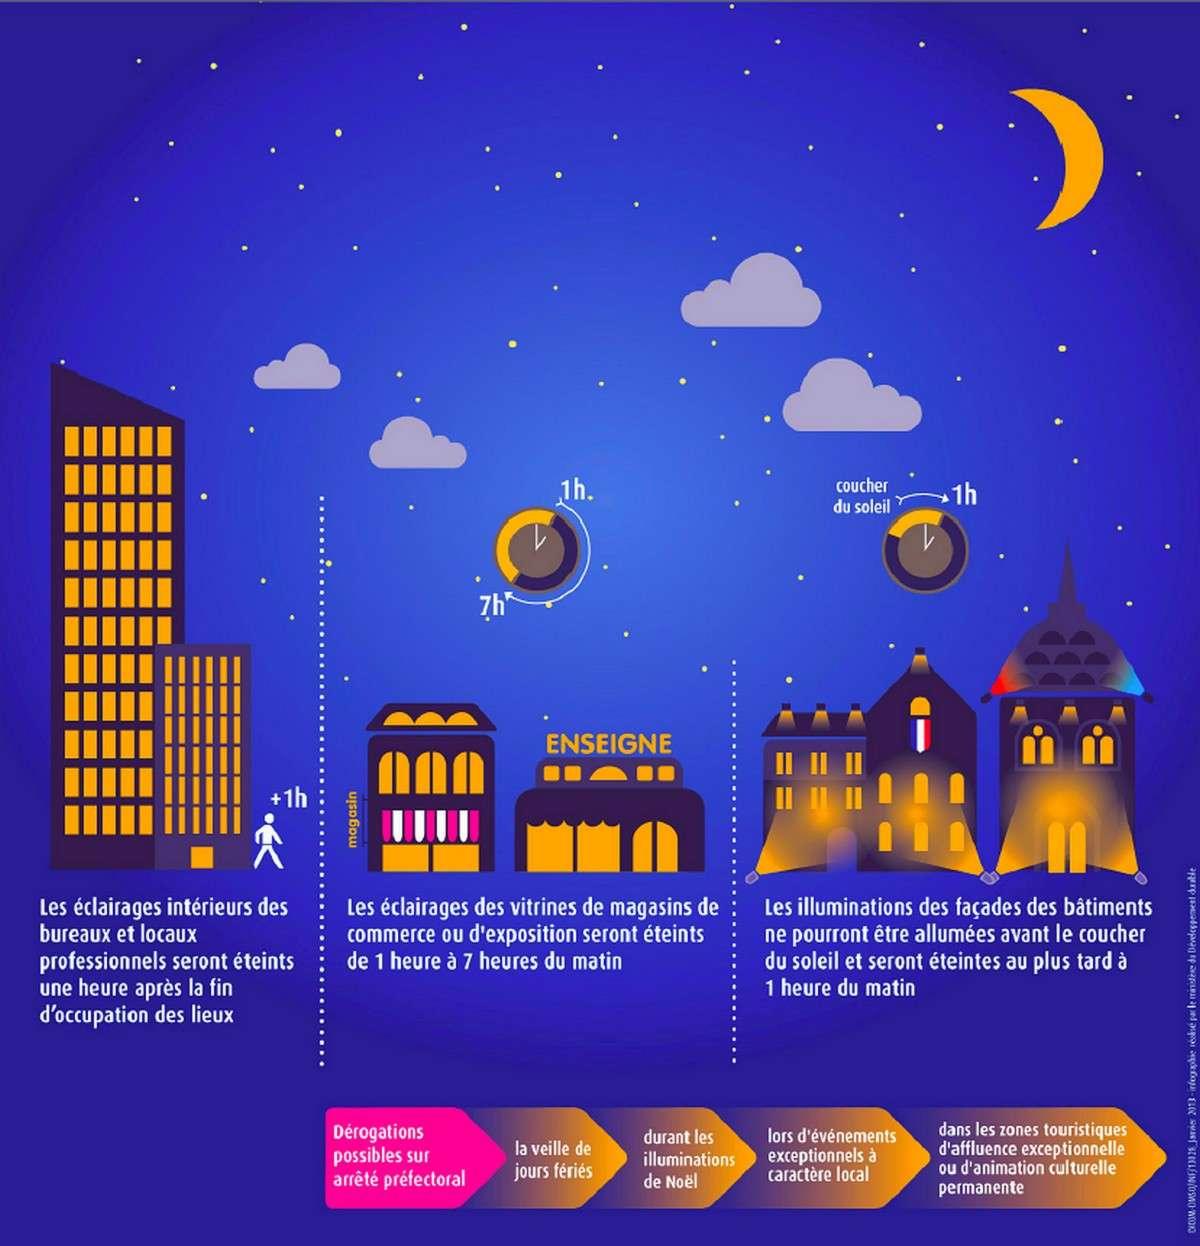 Cette infographie visualise la nouvelle réglementation qui s'appliquera aux éclairages nocturnes à partir du mois de juillet 2013. © Ministère de l'Écologie, du Développement durable et de l'Énergie